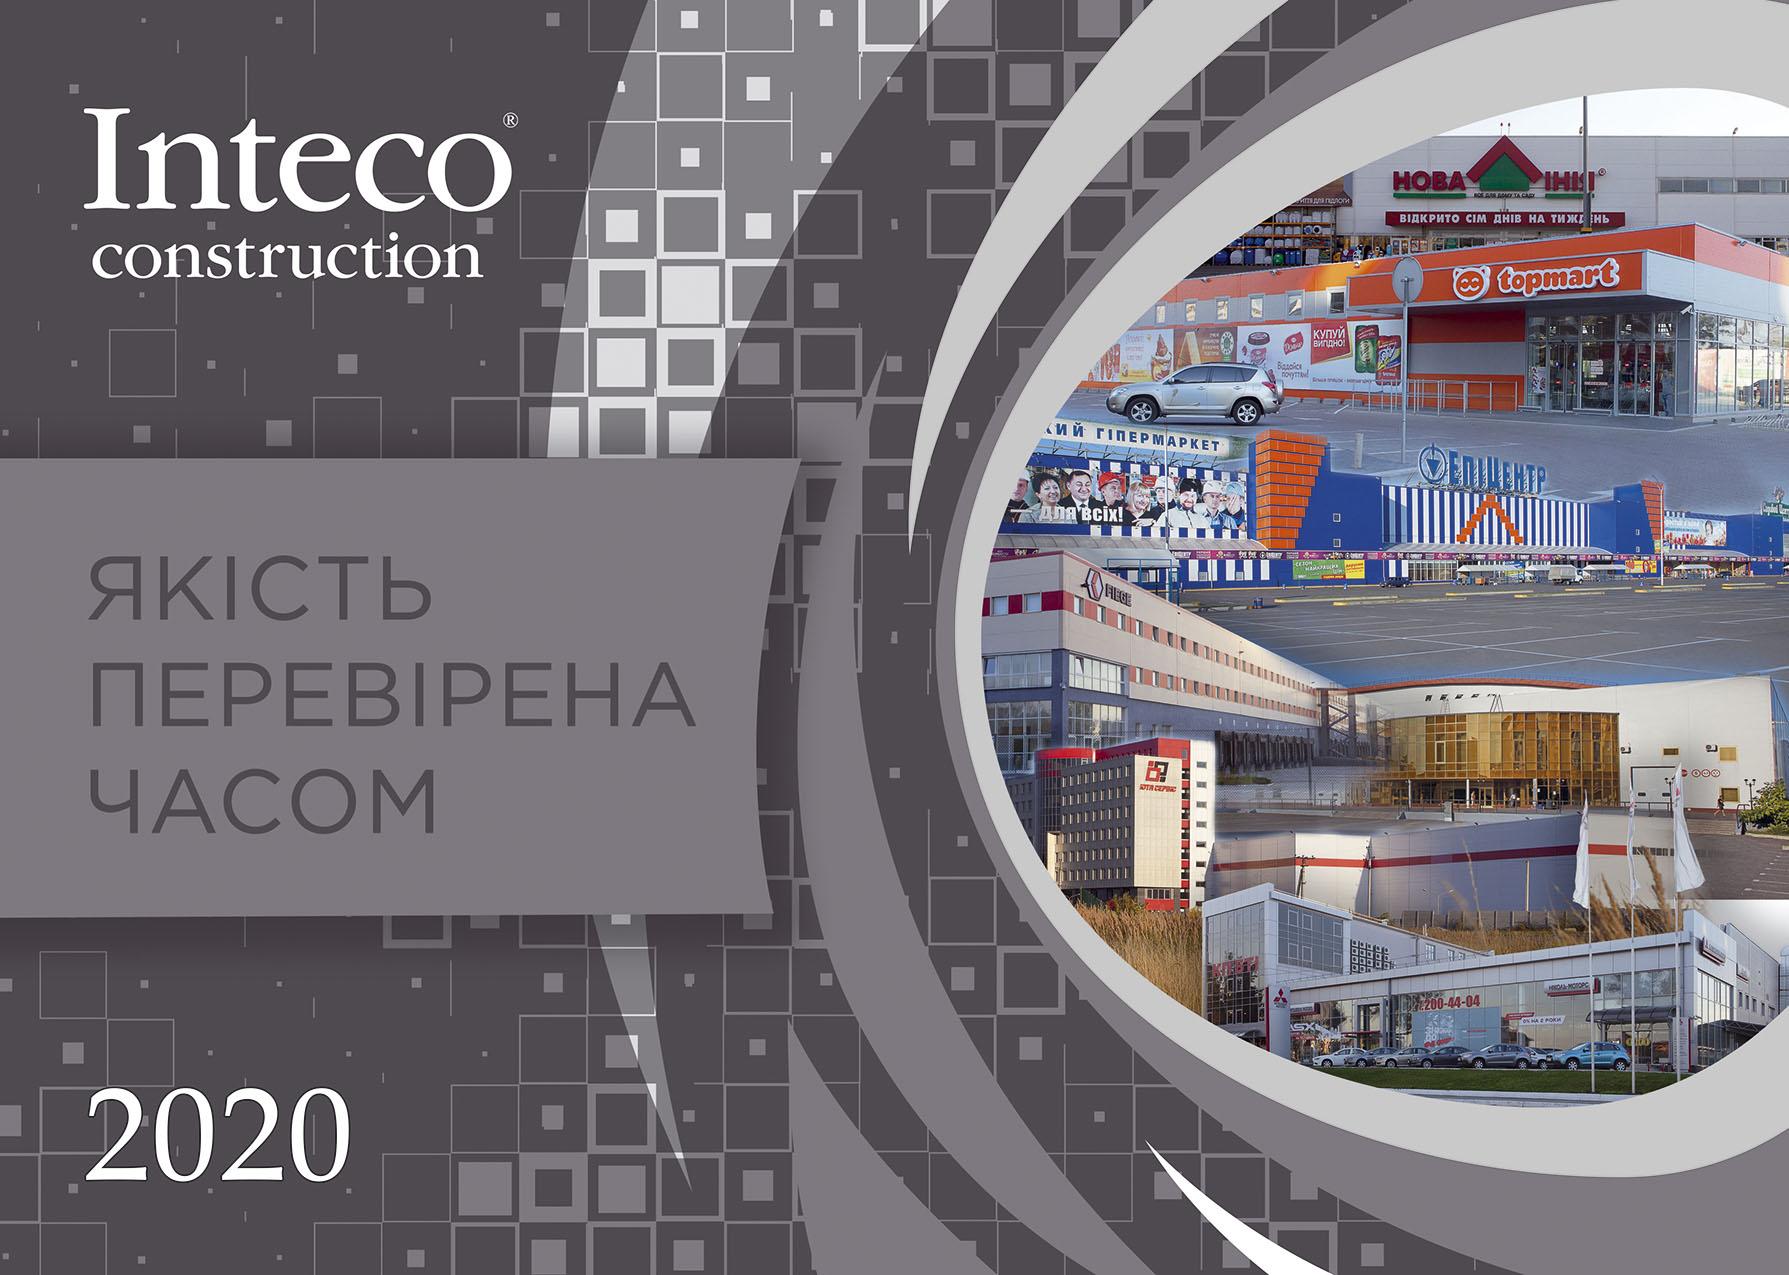 Дизайн квартального календаря завода Inteco вариант №6 www.makety.top